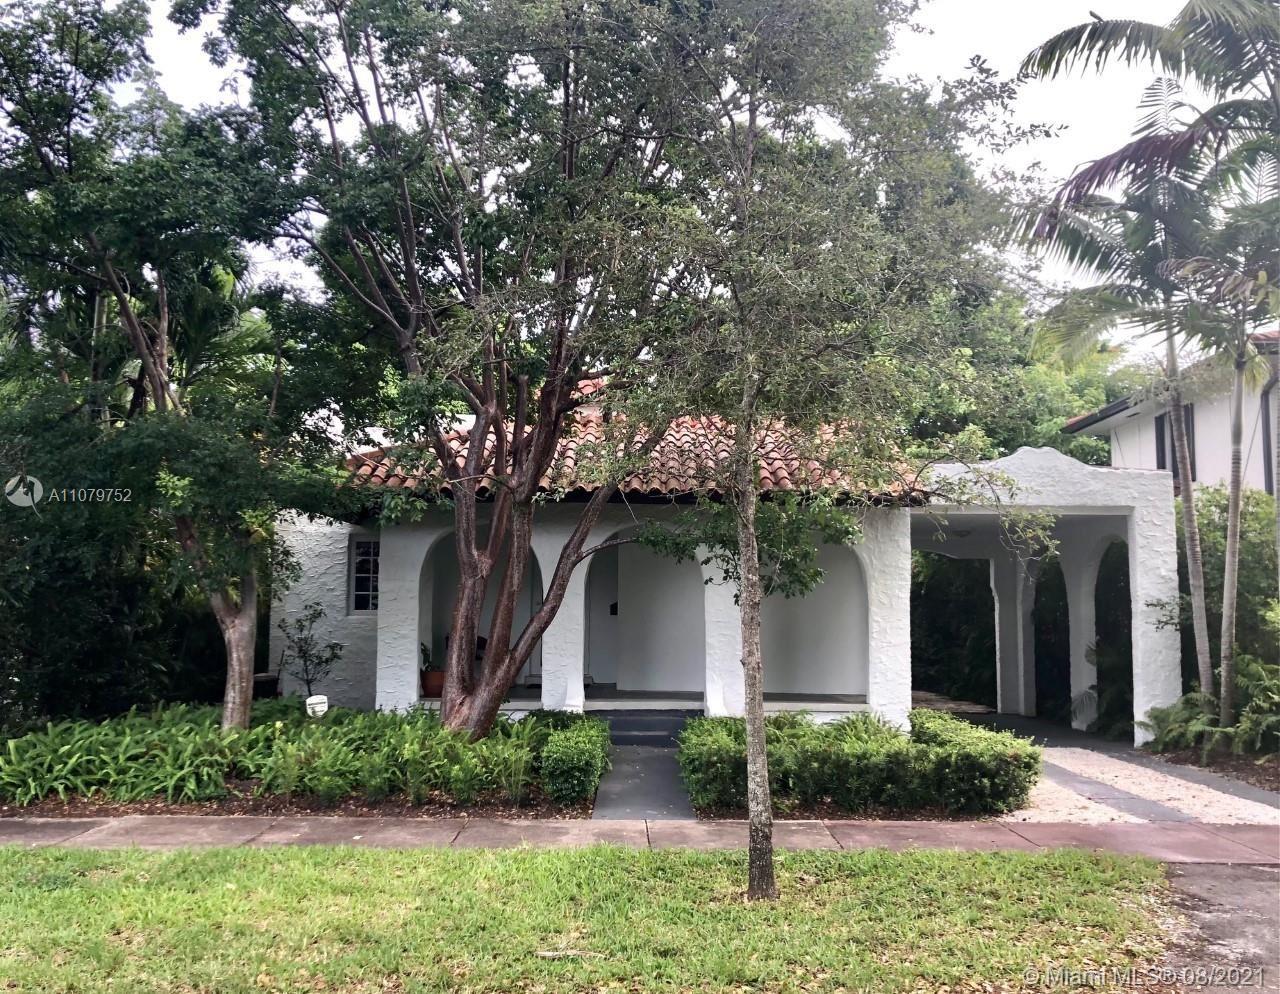 1209 San Miguel Ave, Coral Gables, FL 33134 - #: A11079752